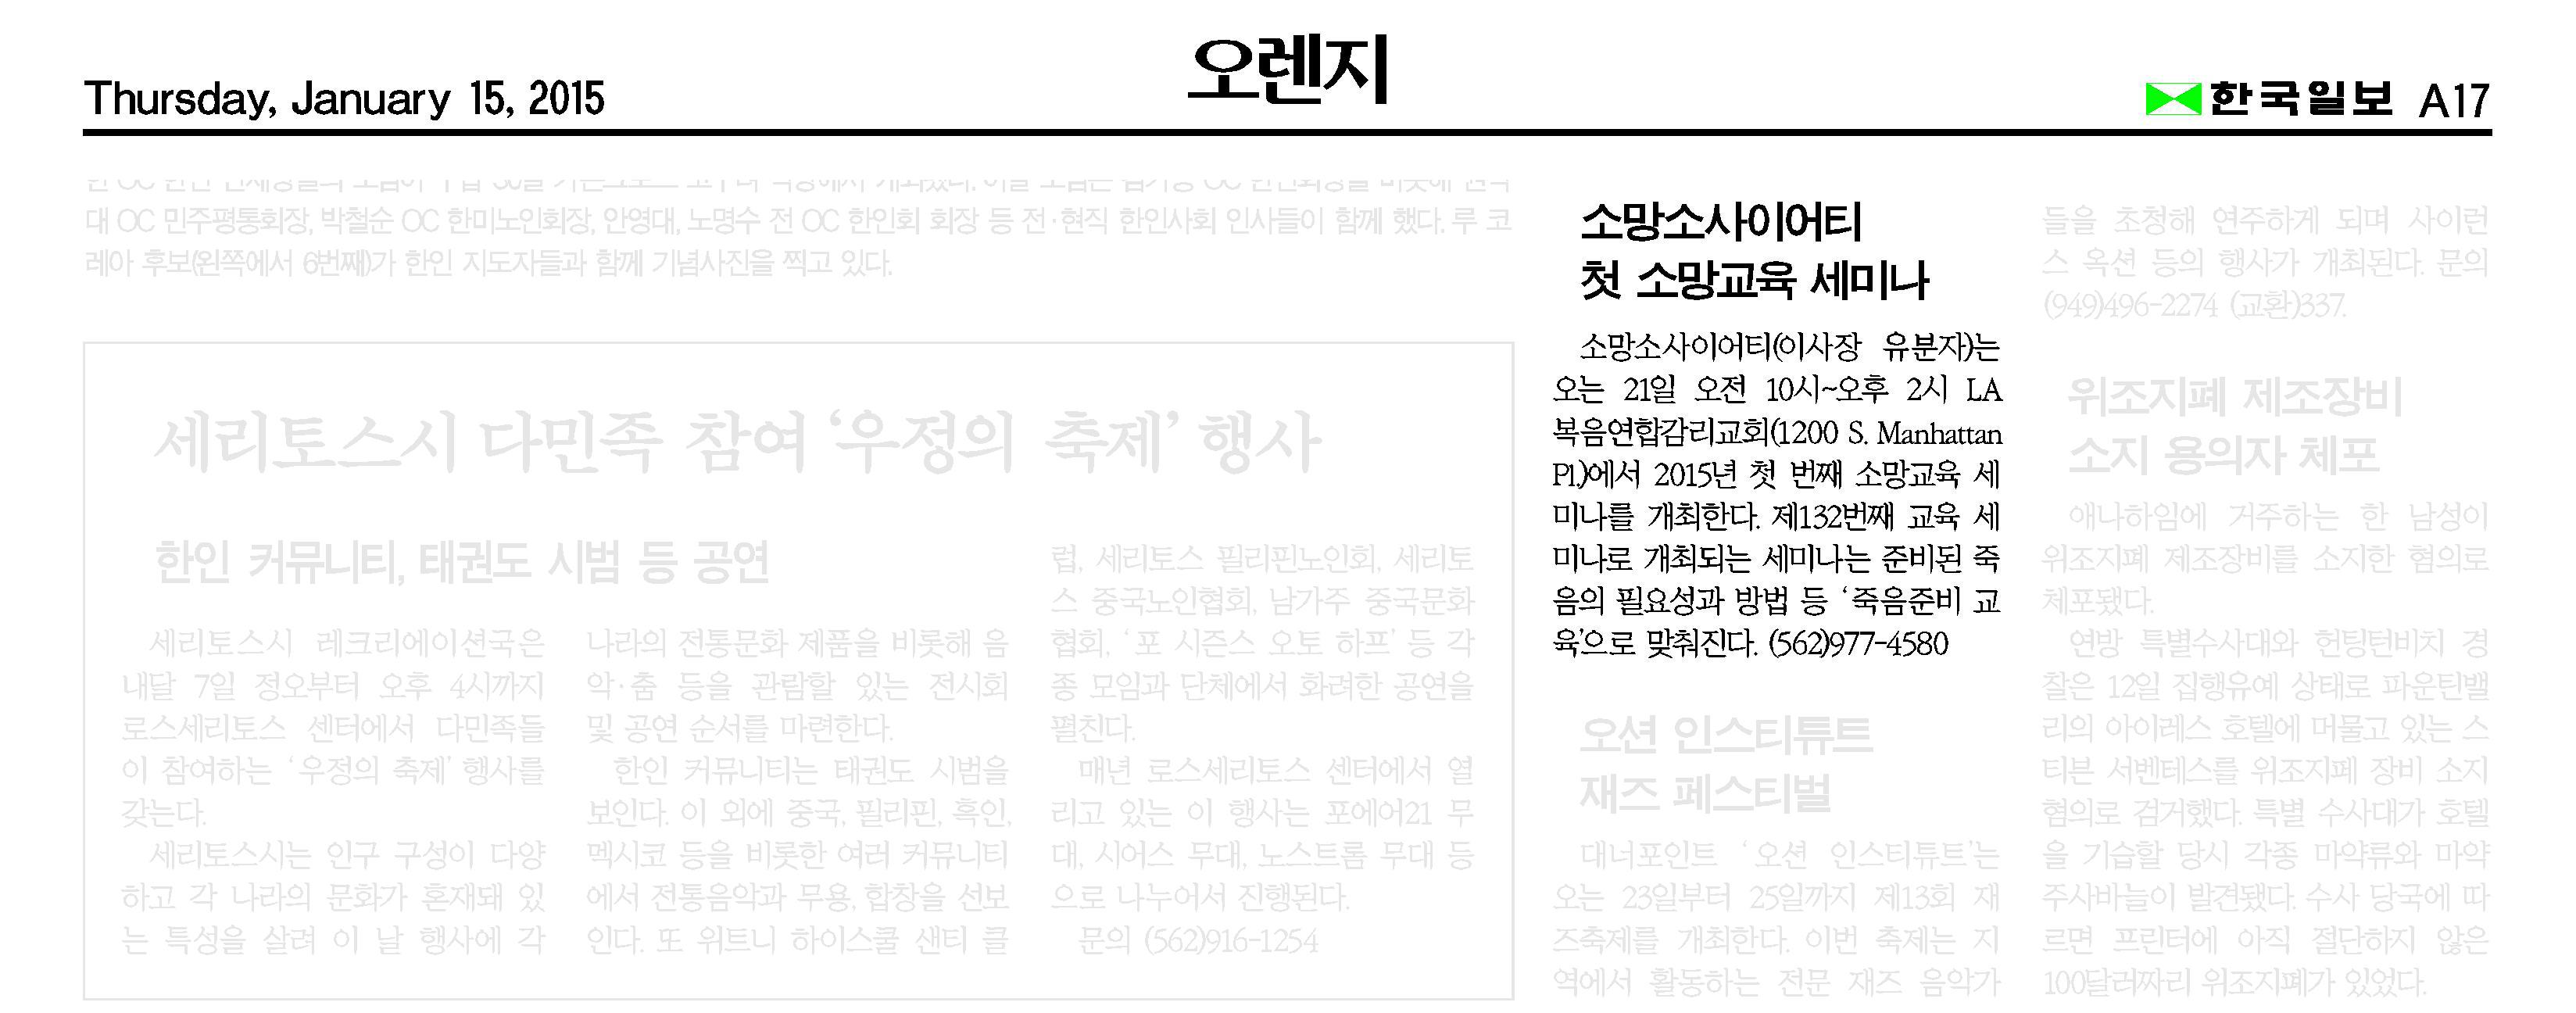 """""""소망 소사이어티 첫 소망교육 세미나"""" 2015년 1월 15일 한국일보"""